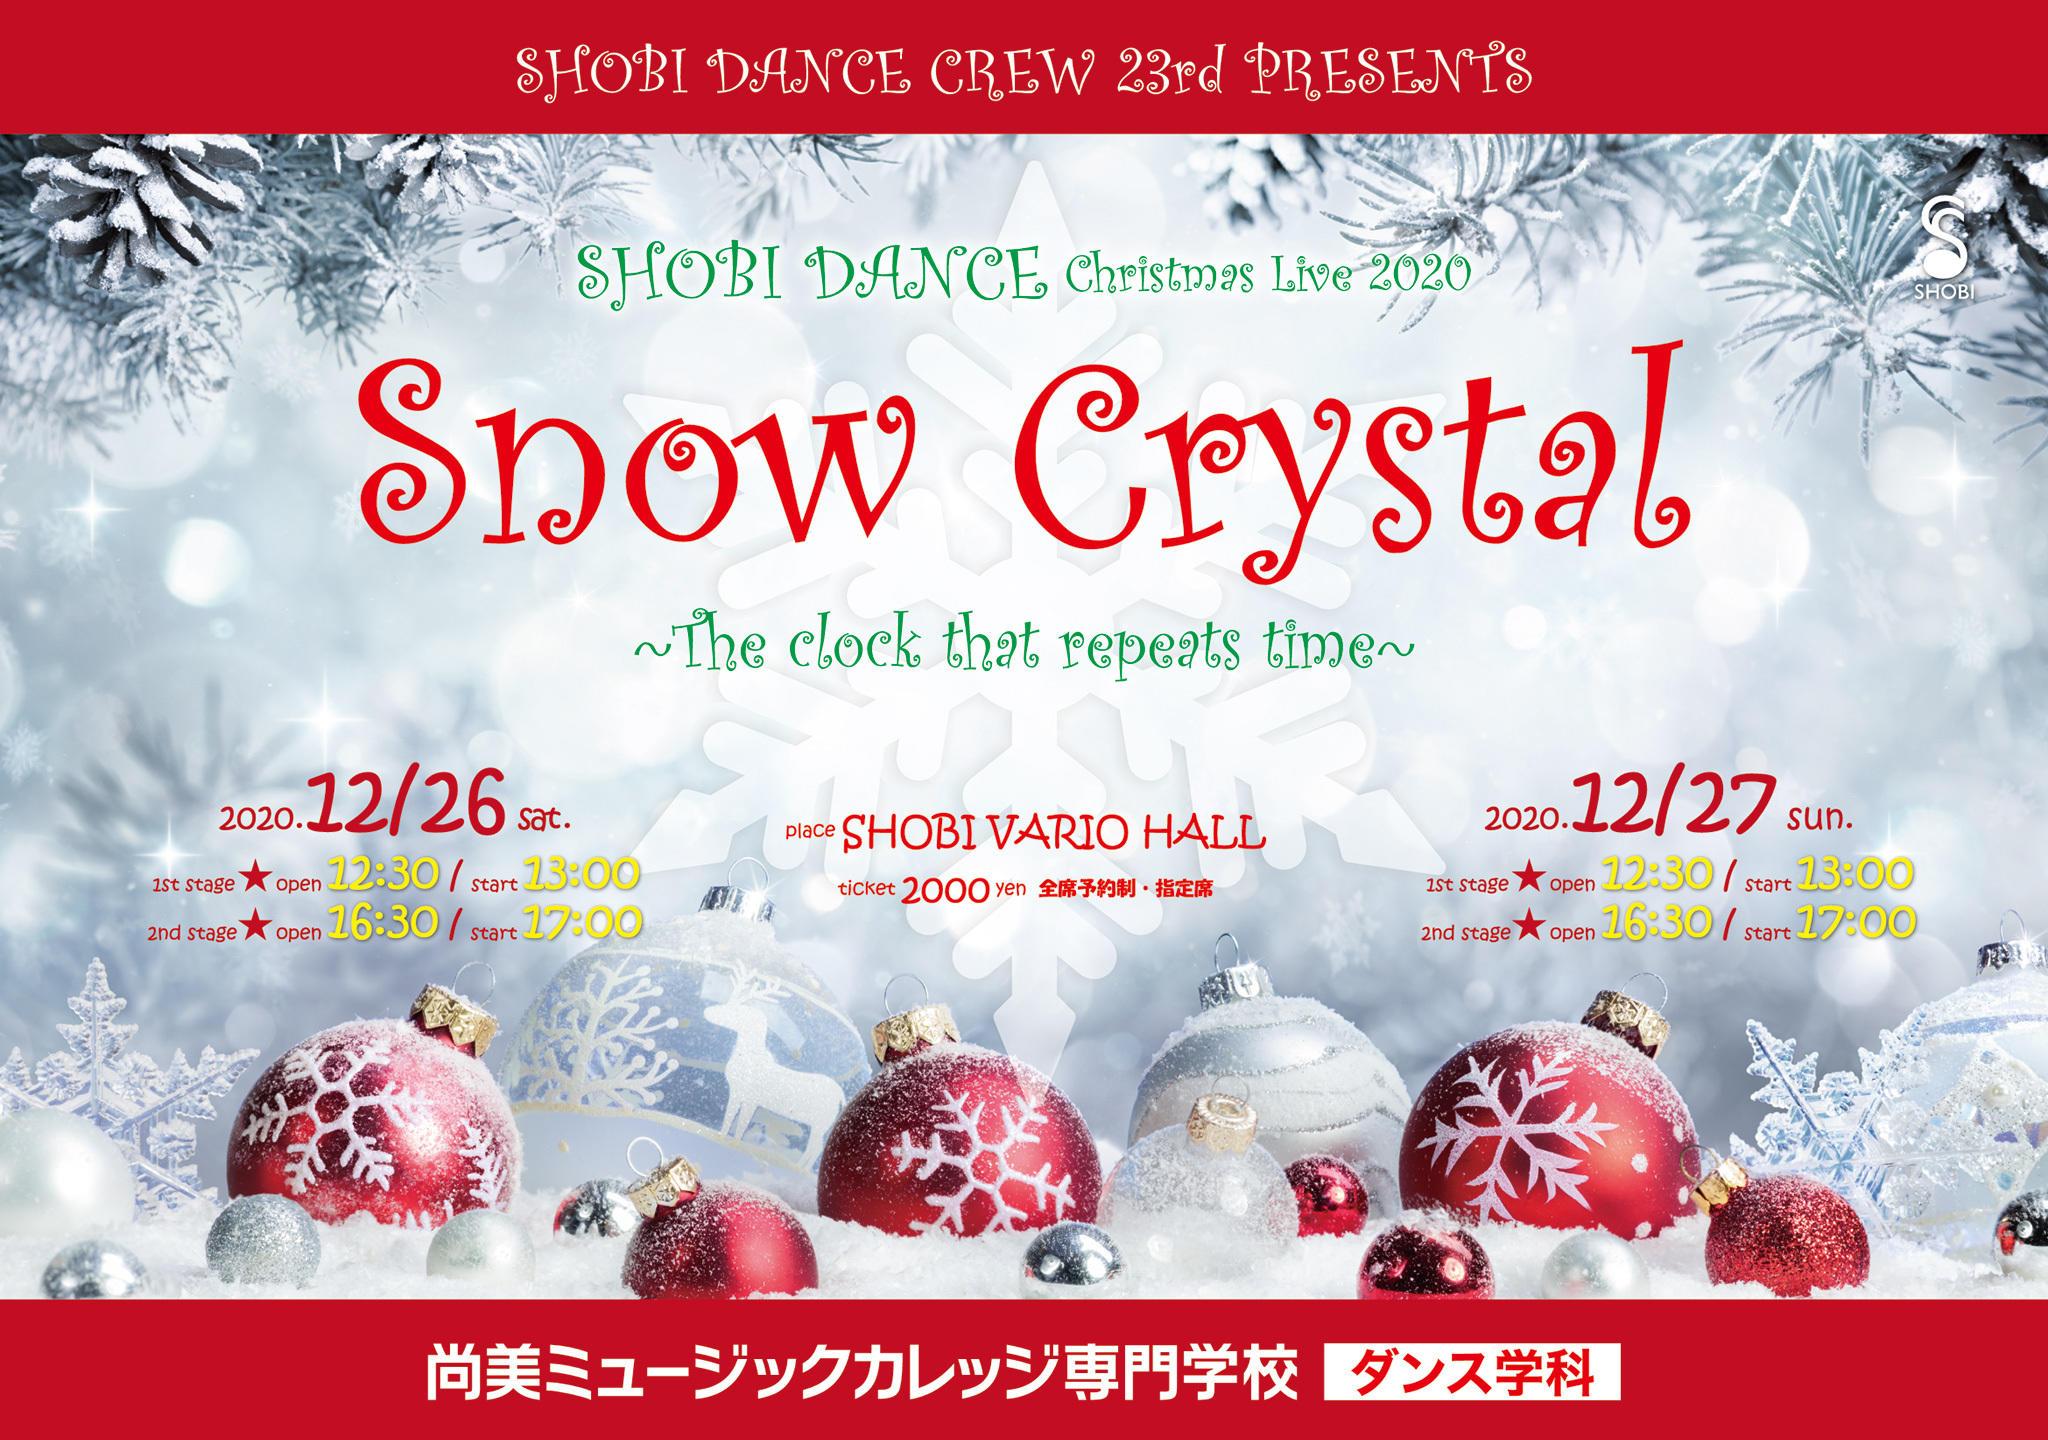 【12月26日・27日開催】SHOBI DANCE Christmas Live 2020「Snow Crystal ~The clock that repeats time~」